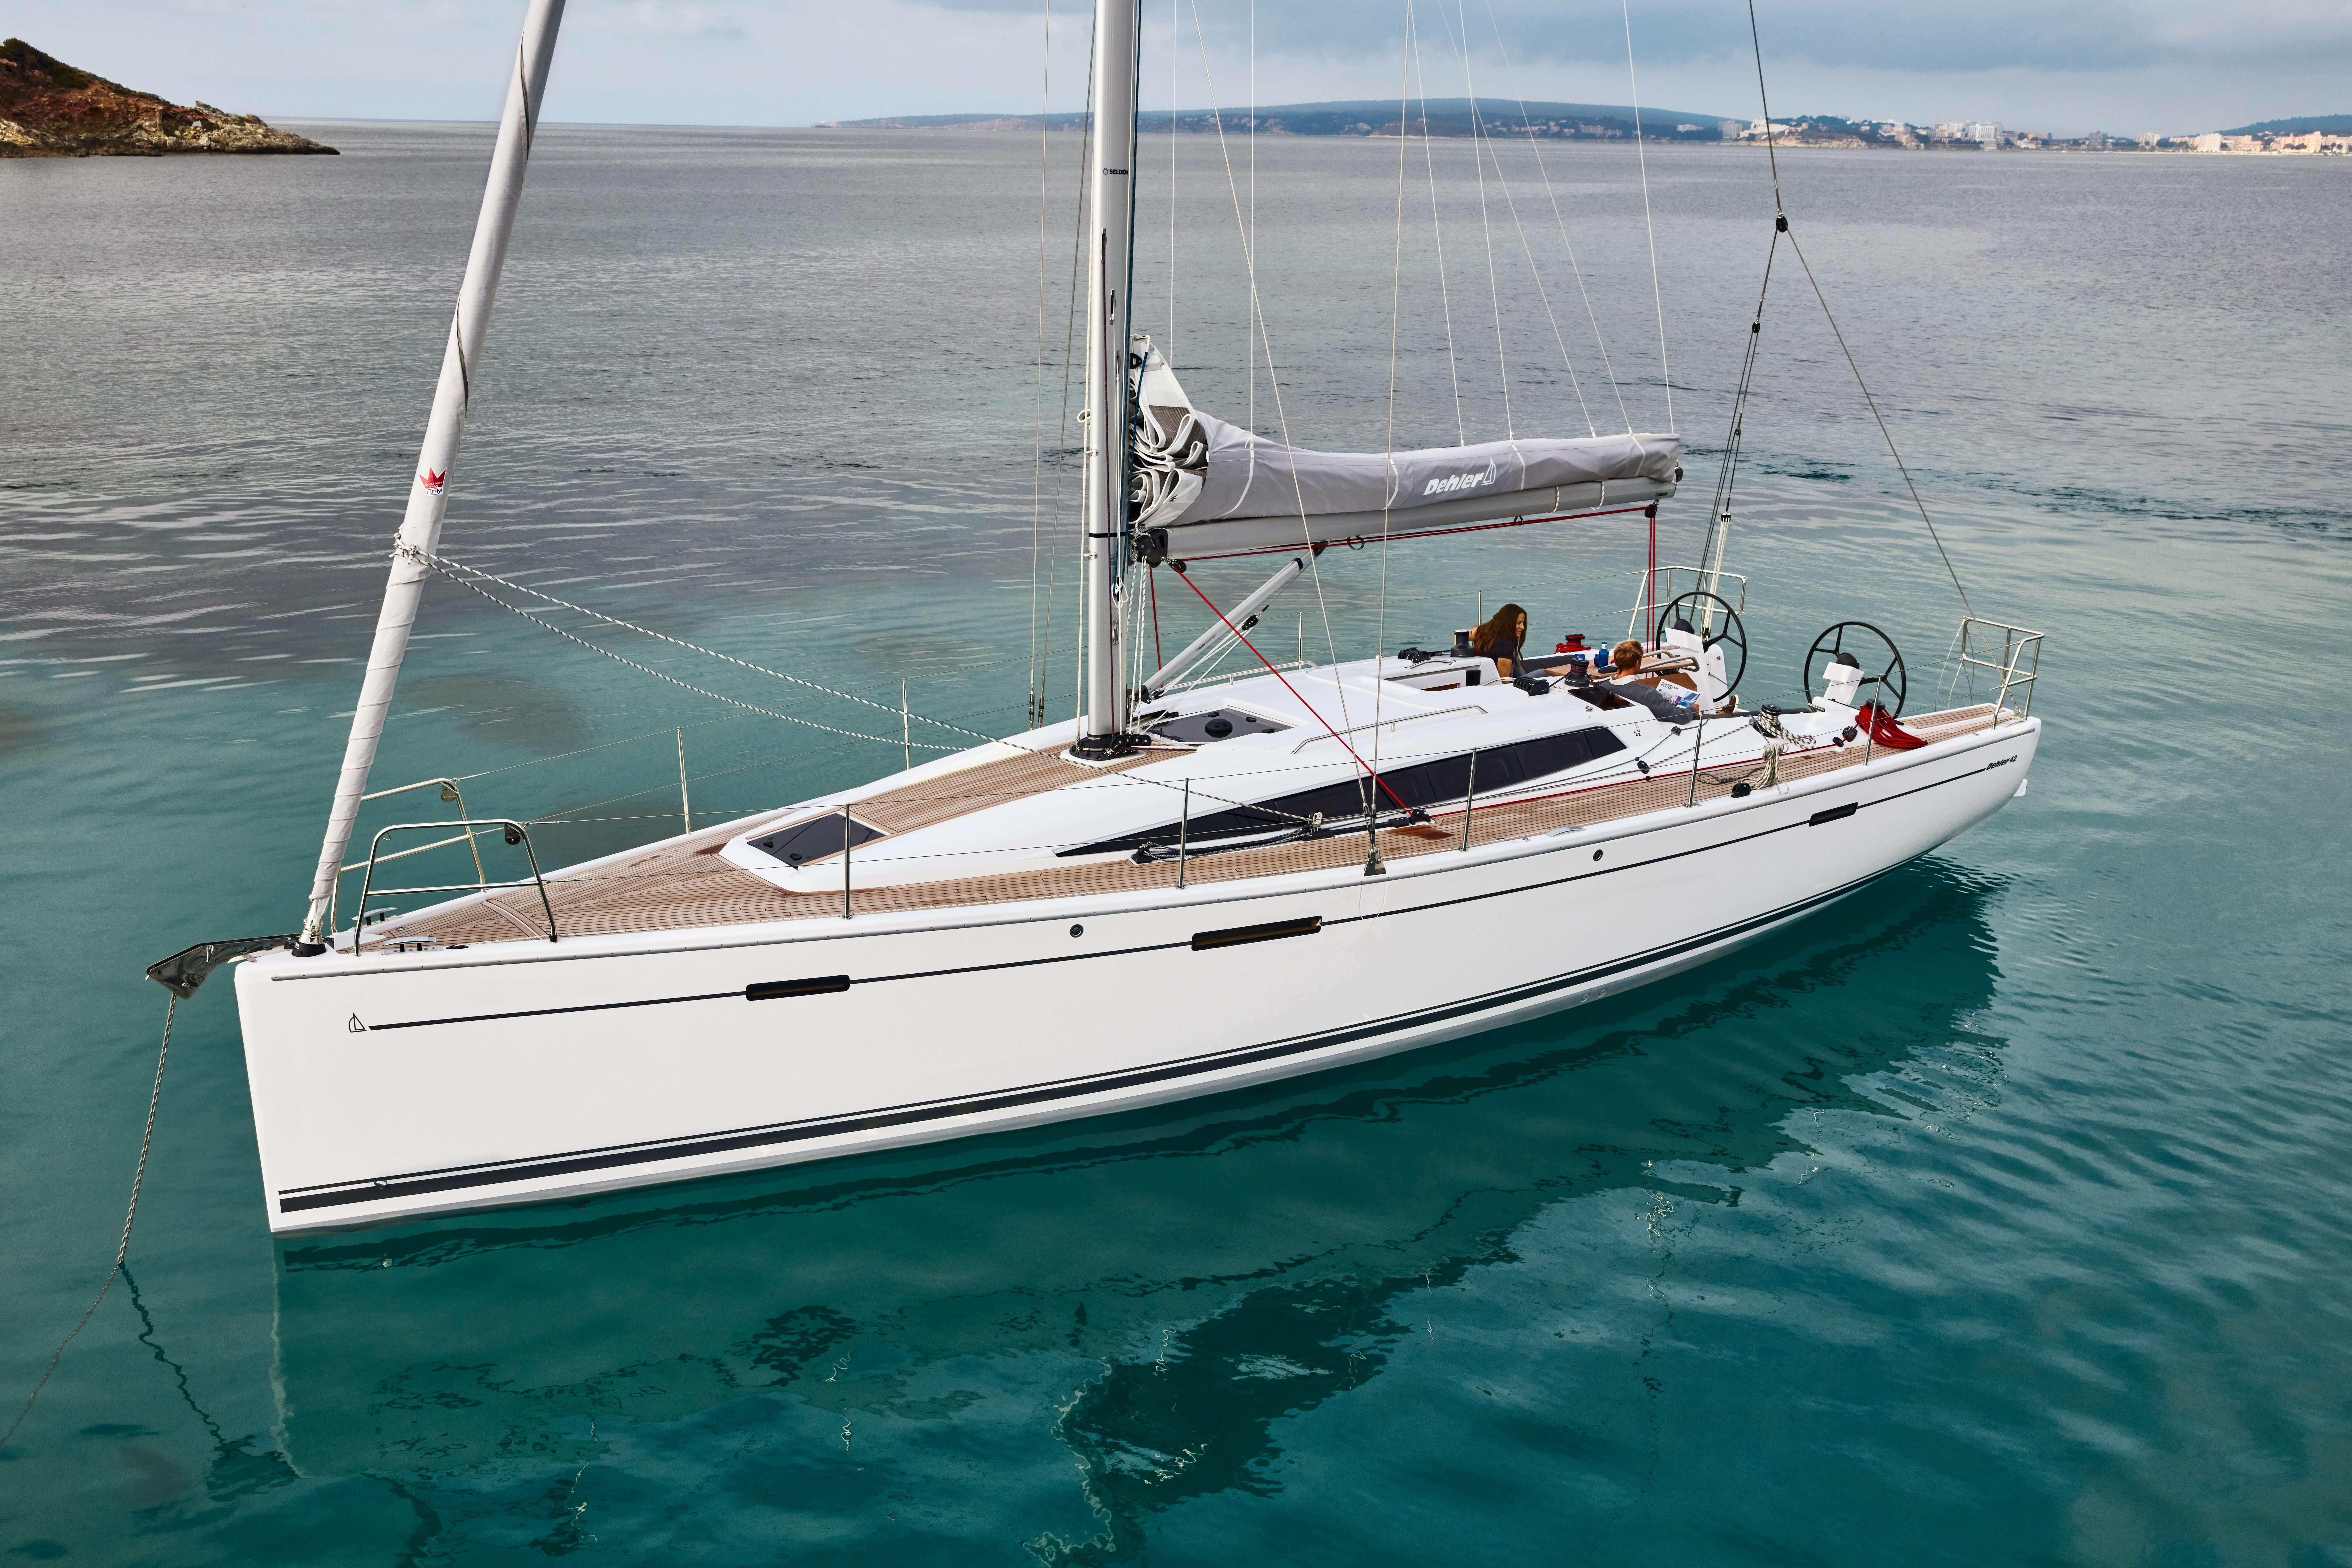 Dehler 42 Exterior at anchor | Dehler 42_Segeln_05_0516_93A9046.jpg | Dehler